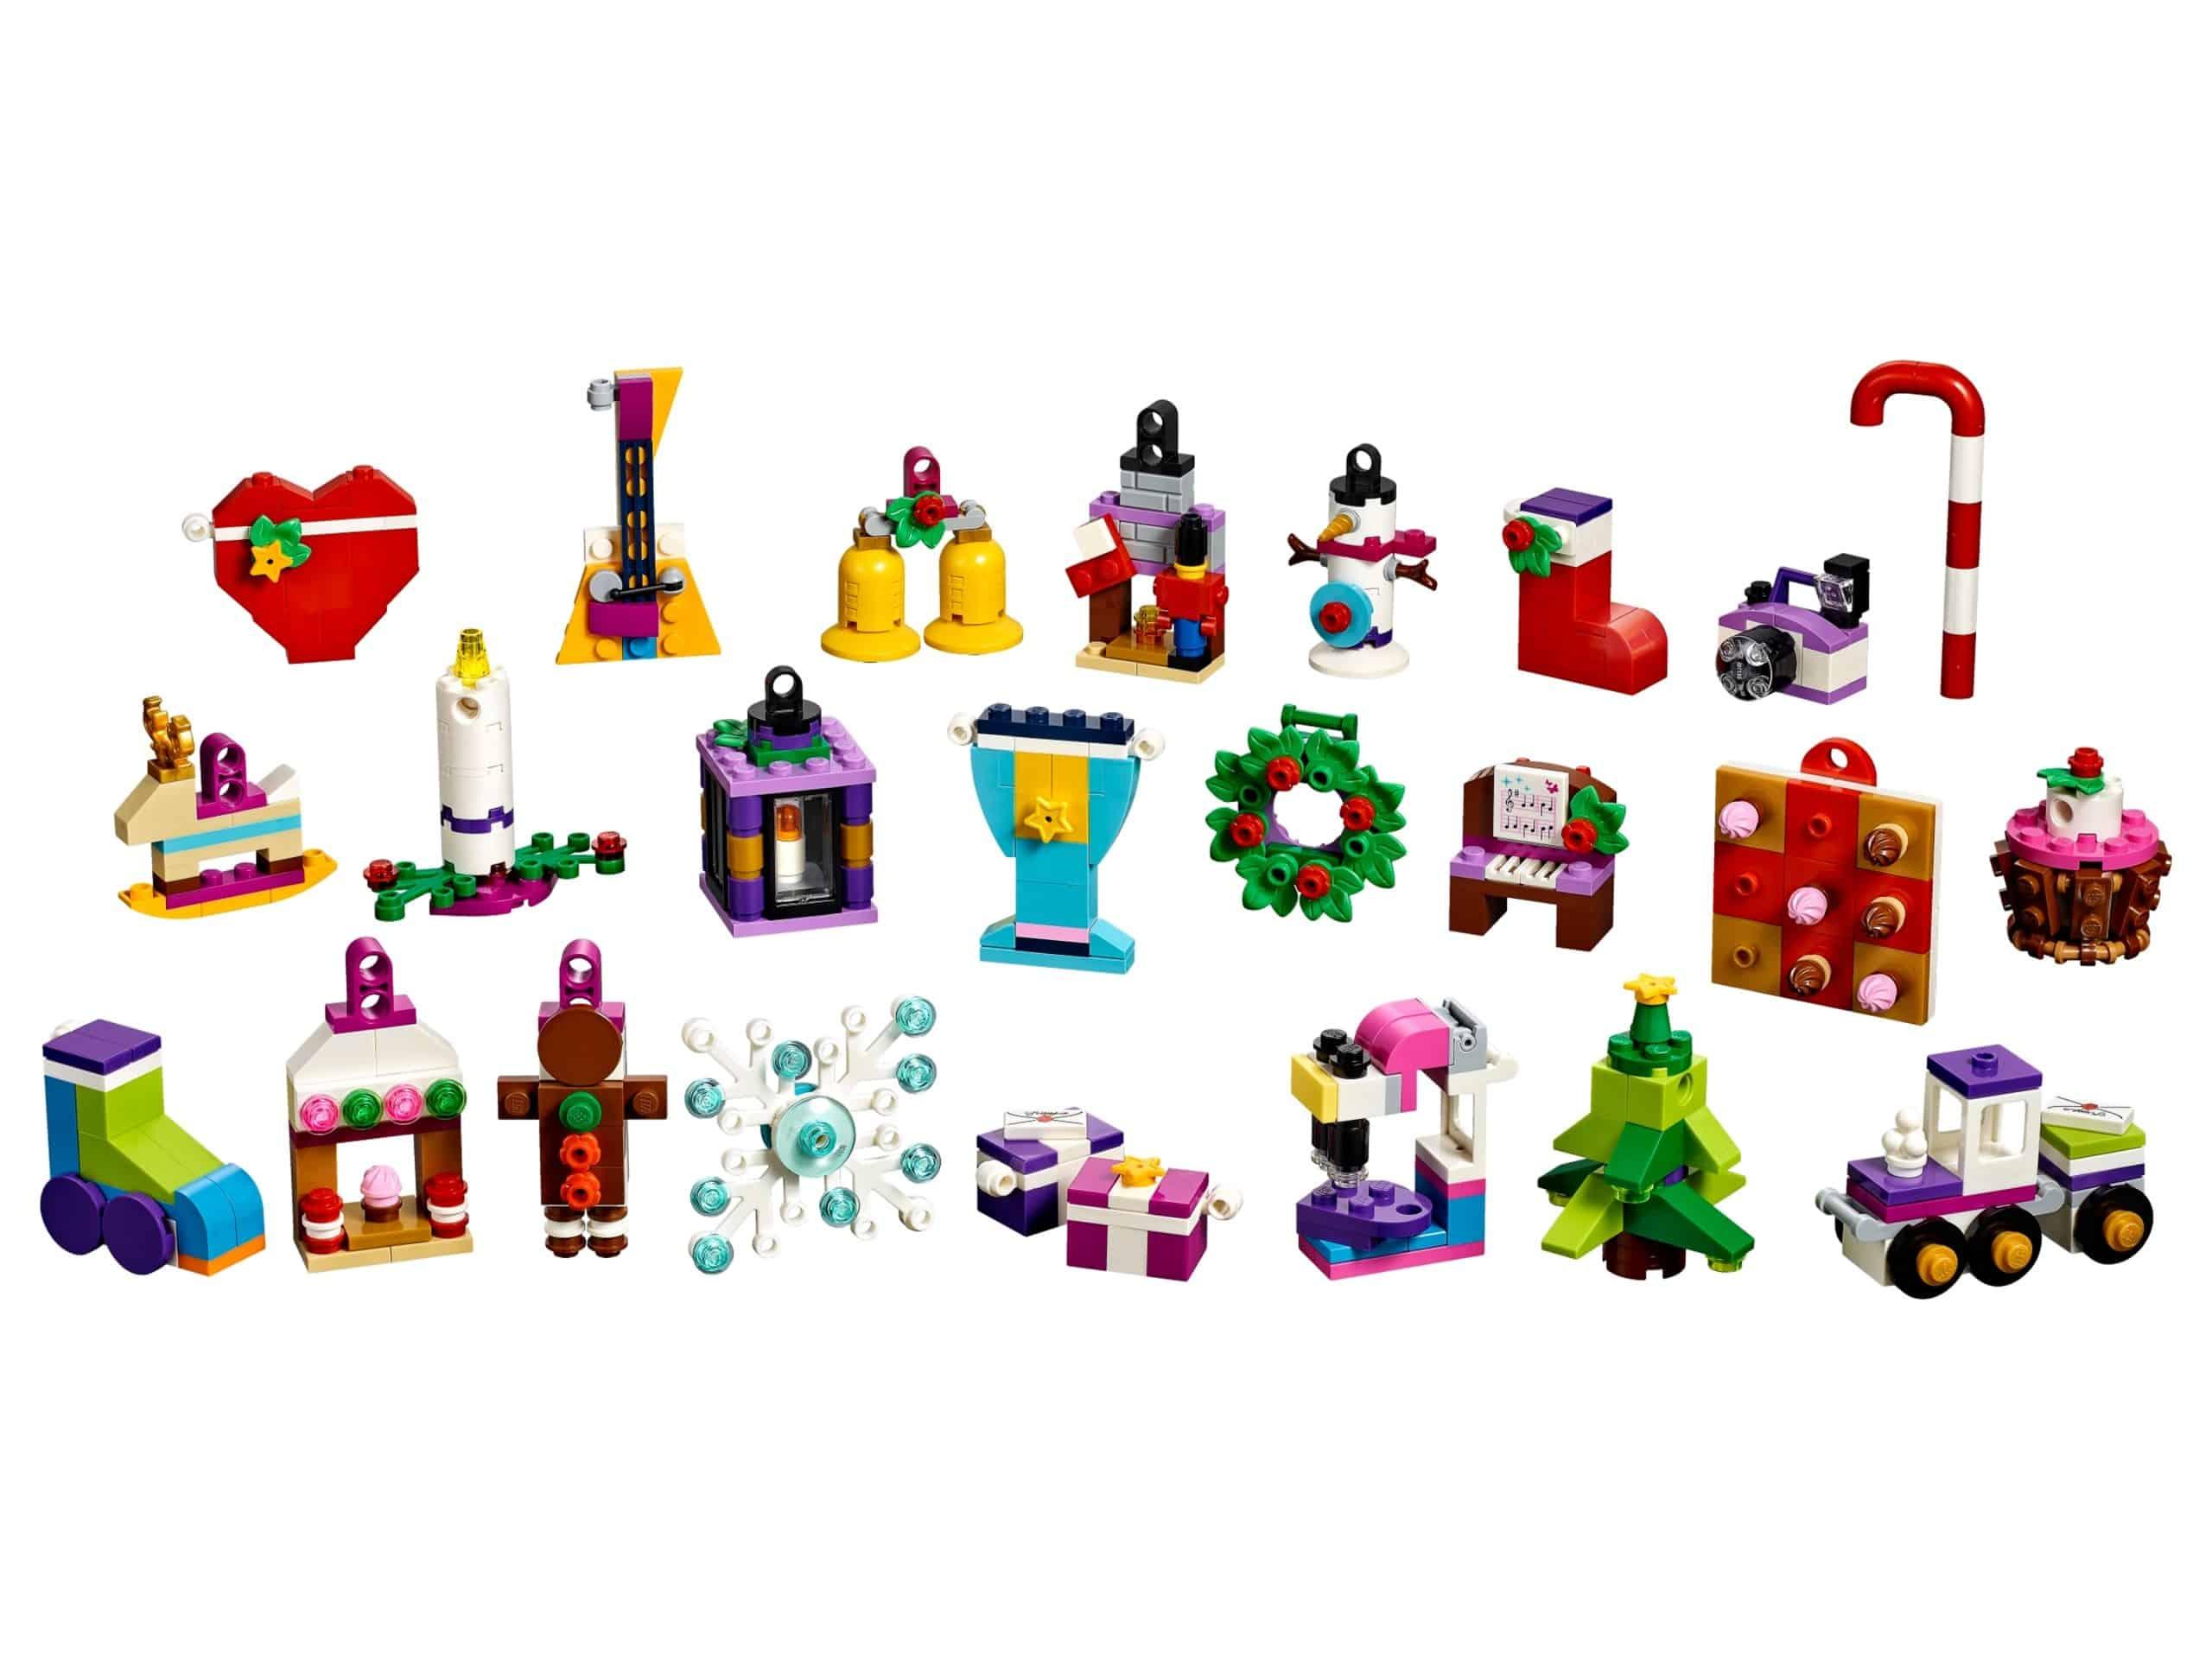 lego 41353 friends adventskalender mit weihnachtsschmuck scaled